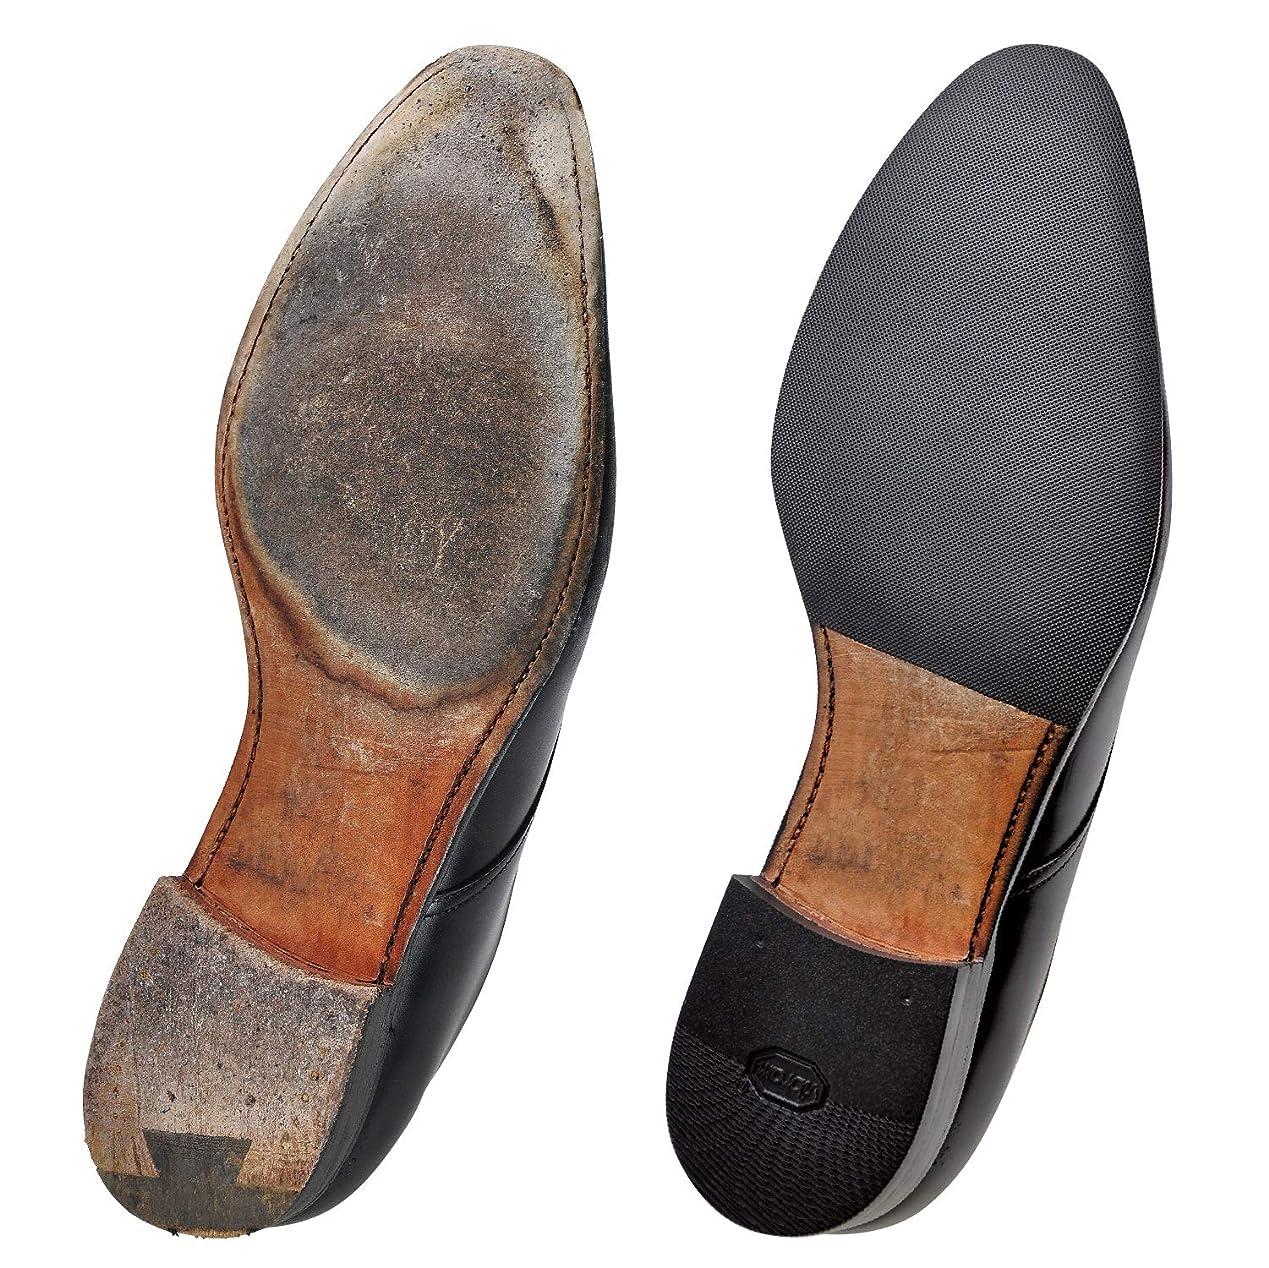 作り上げるメール雇った[ミスターミニット] 宅配靴修理サービス Shoe Repair <メンズ> 前底ラバー&かかとラバー交換+磨きコース 1足